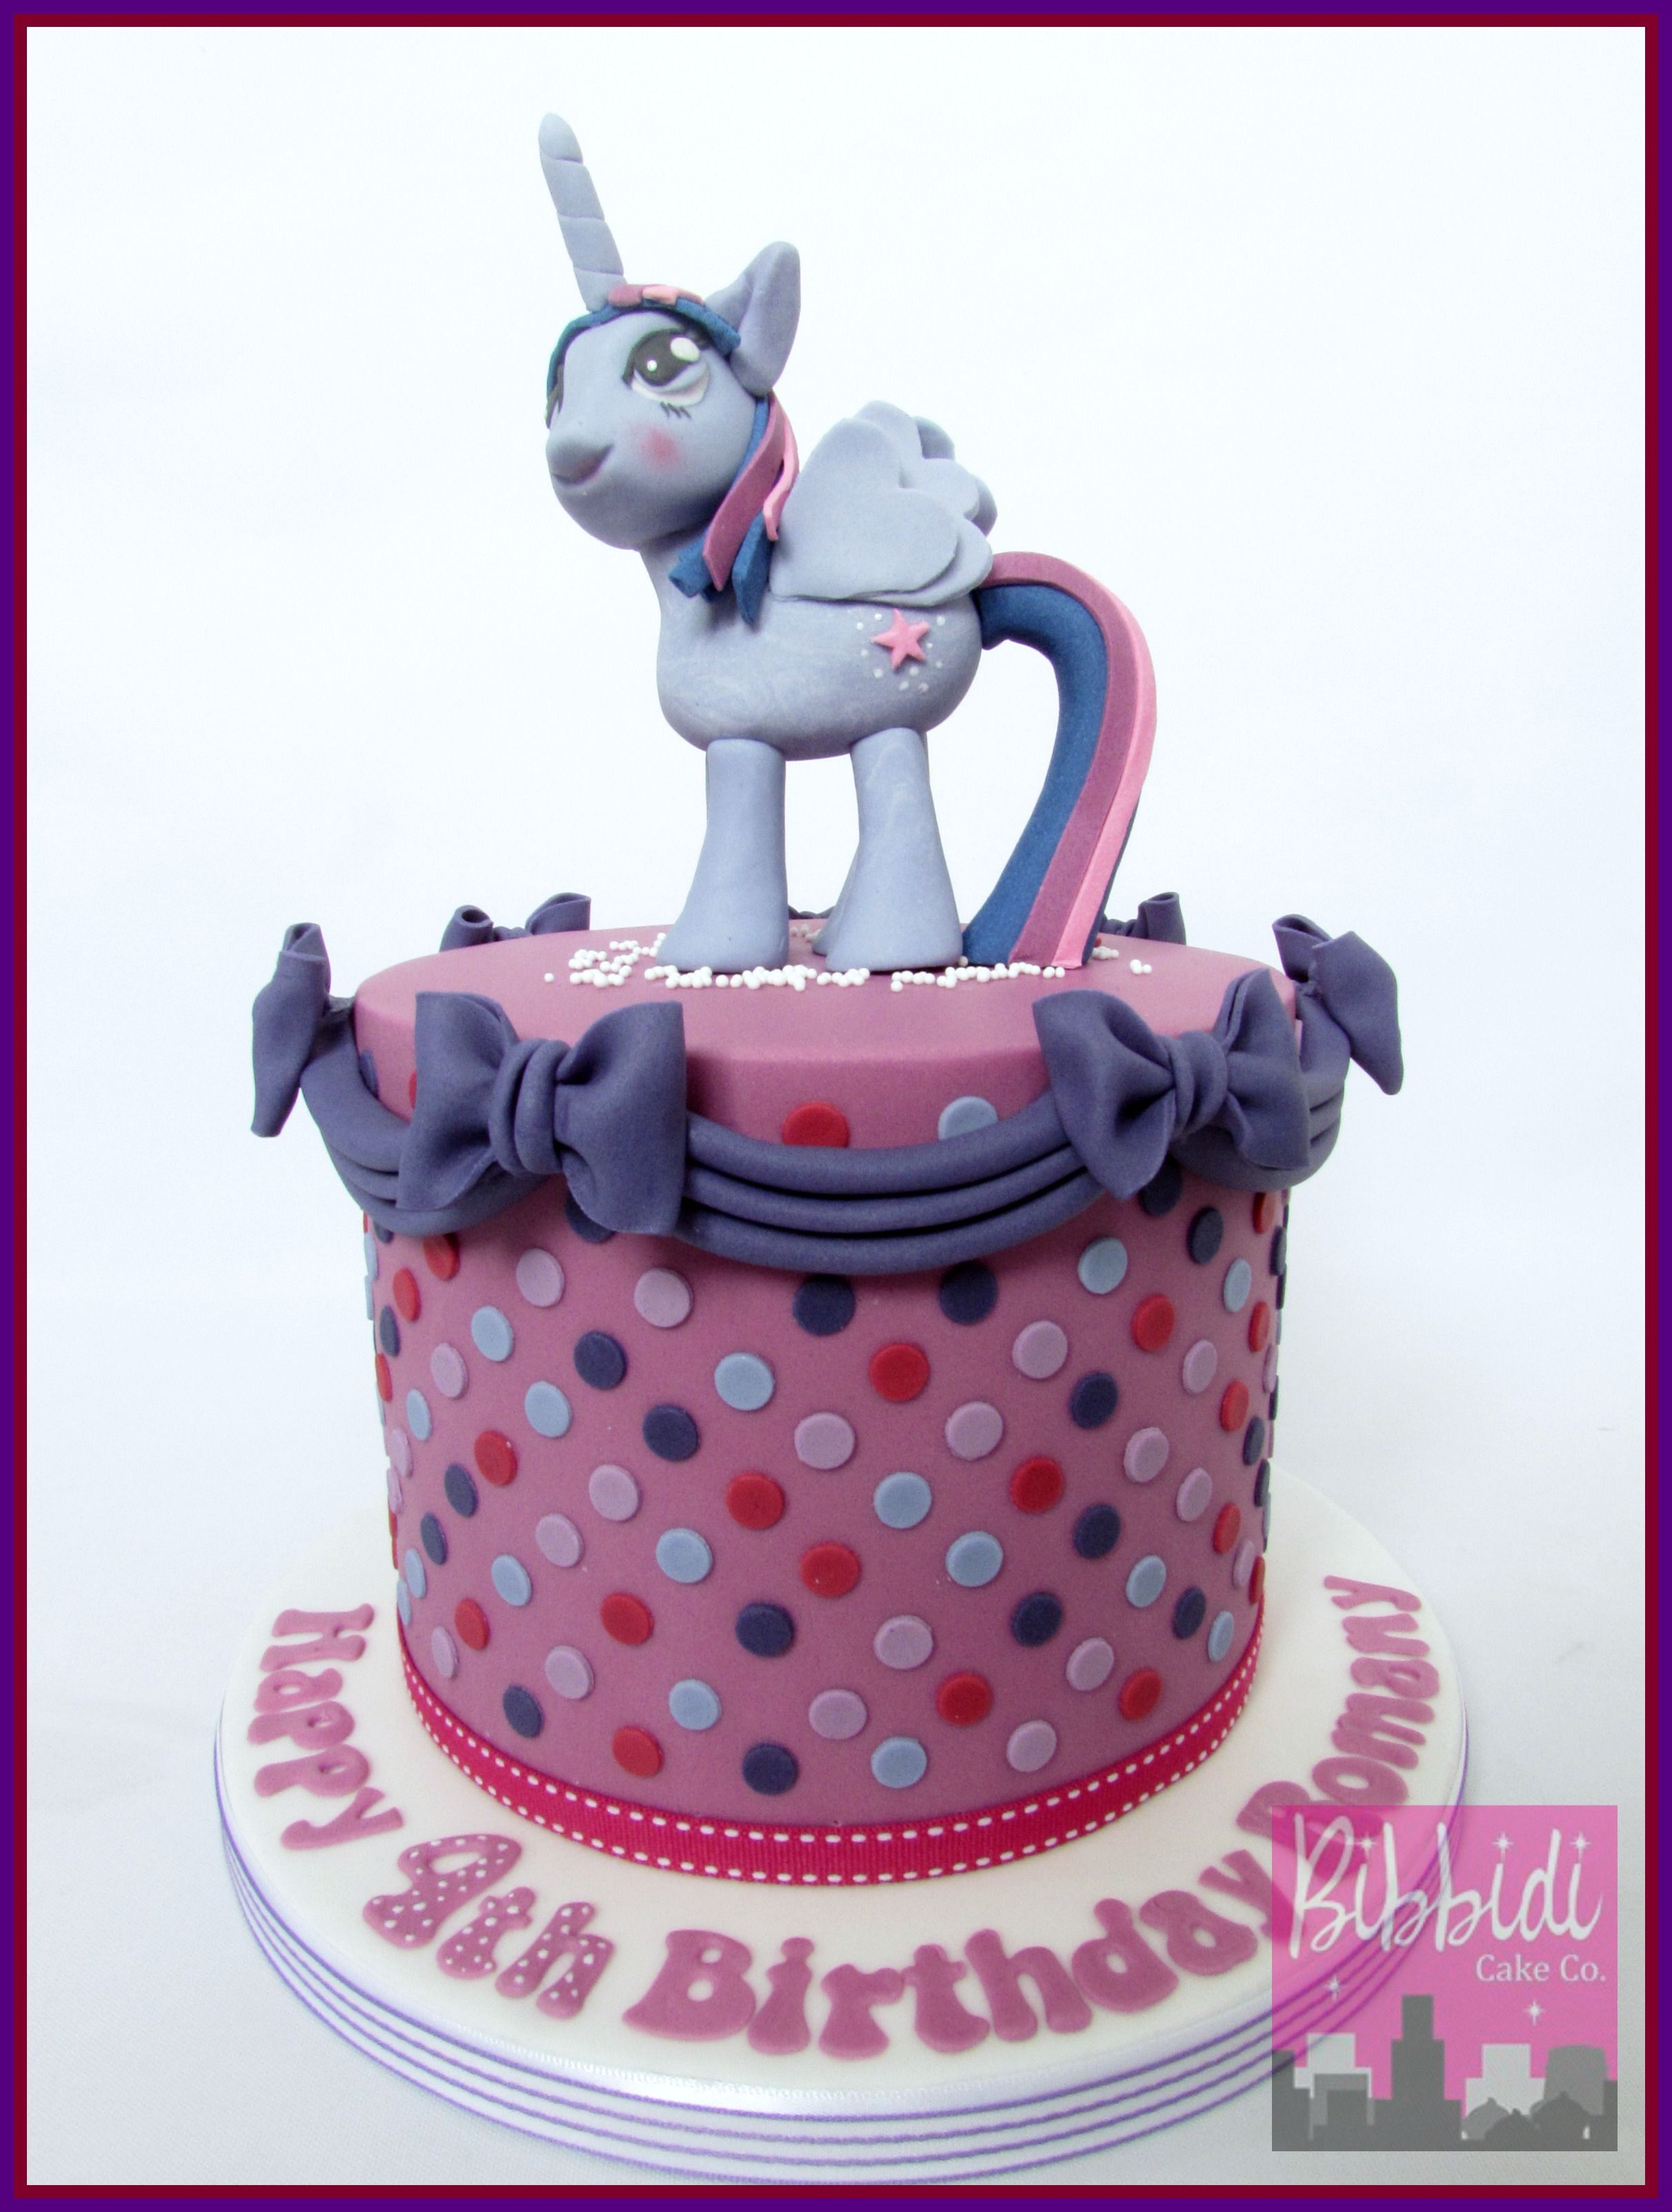 My Little Pony Twilight Sparkle Cake By Bibbidi Cake Co